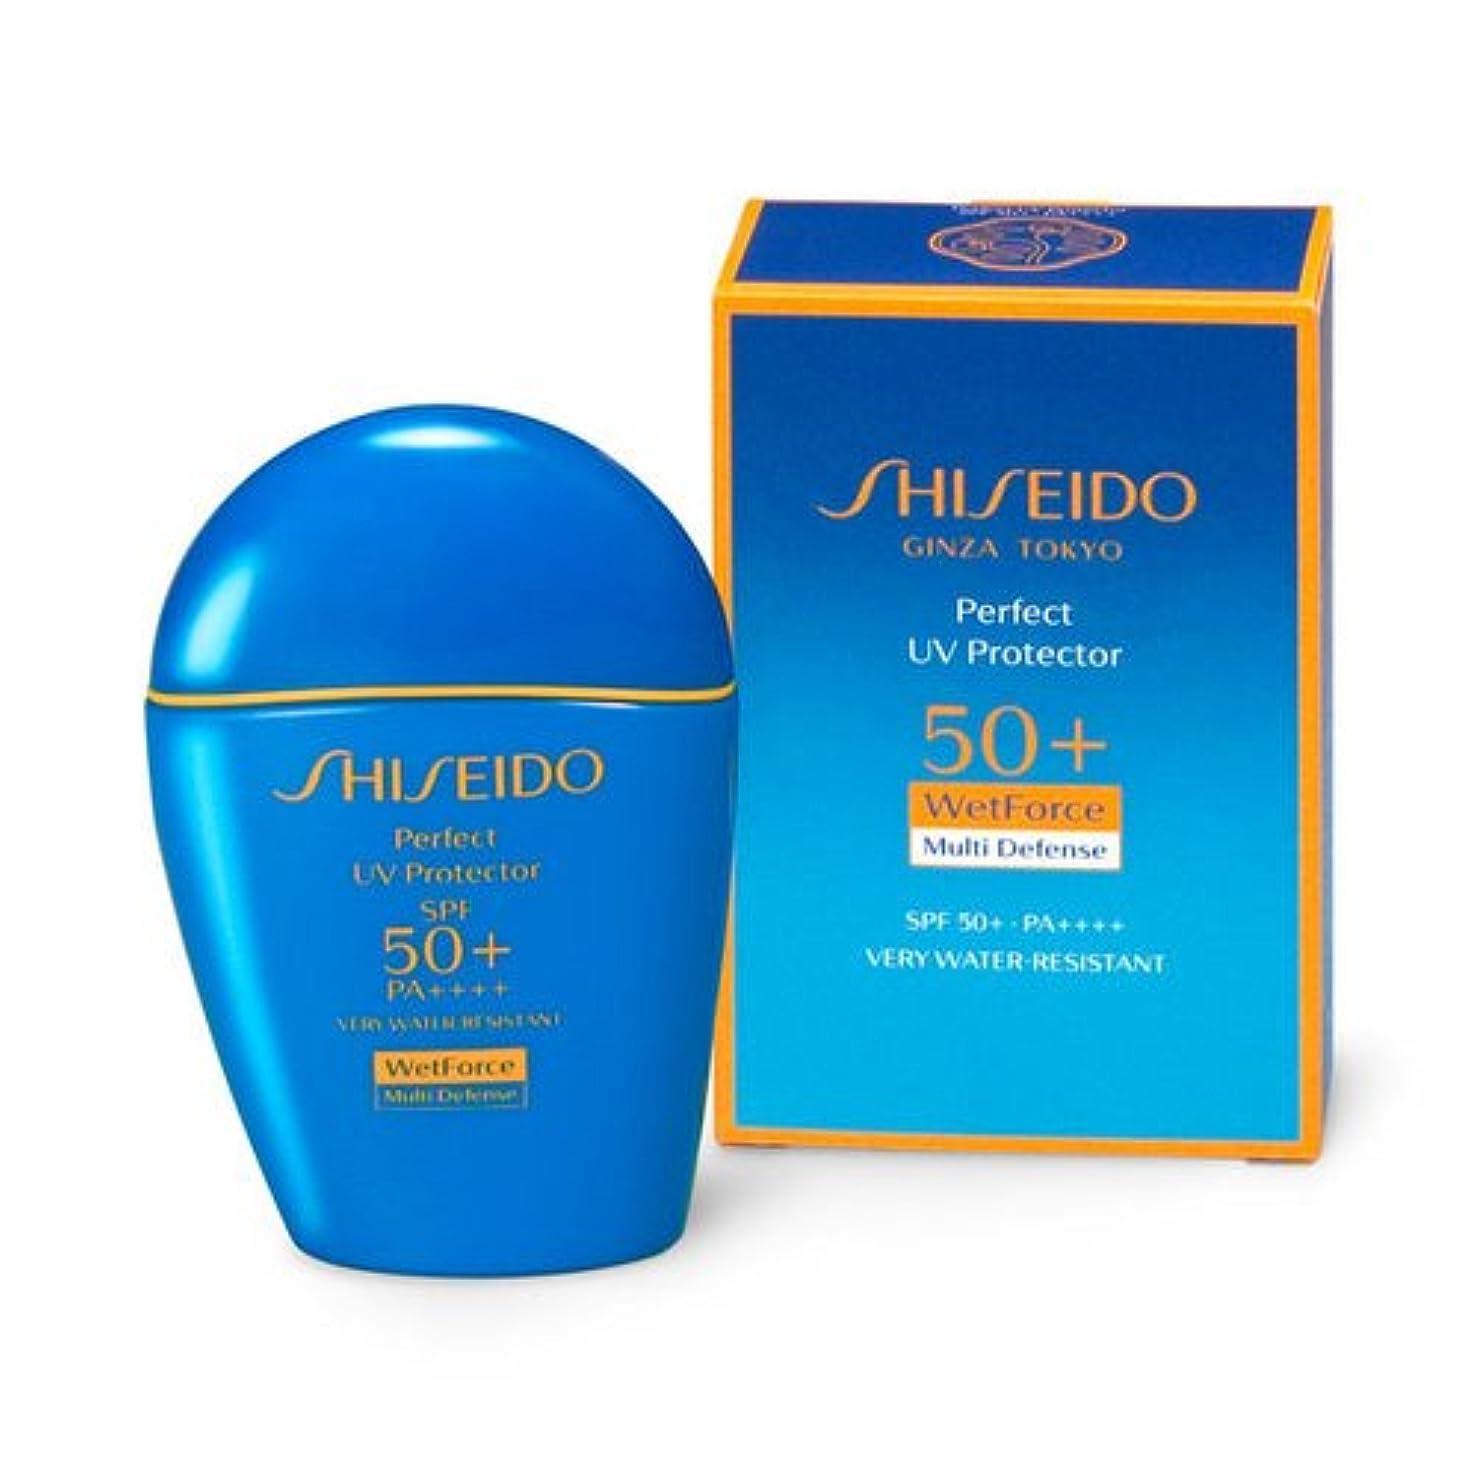 海外ファンシー氏SHISEIDO Suncare(資生堂 サンケア) SHISEIDO(資生堂) パーフェクト UVプロテクター 50mL